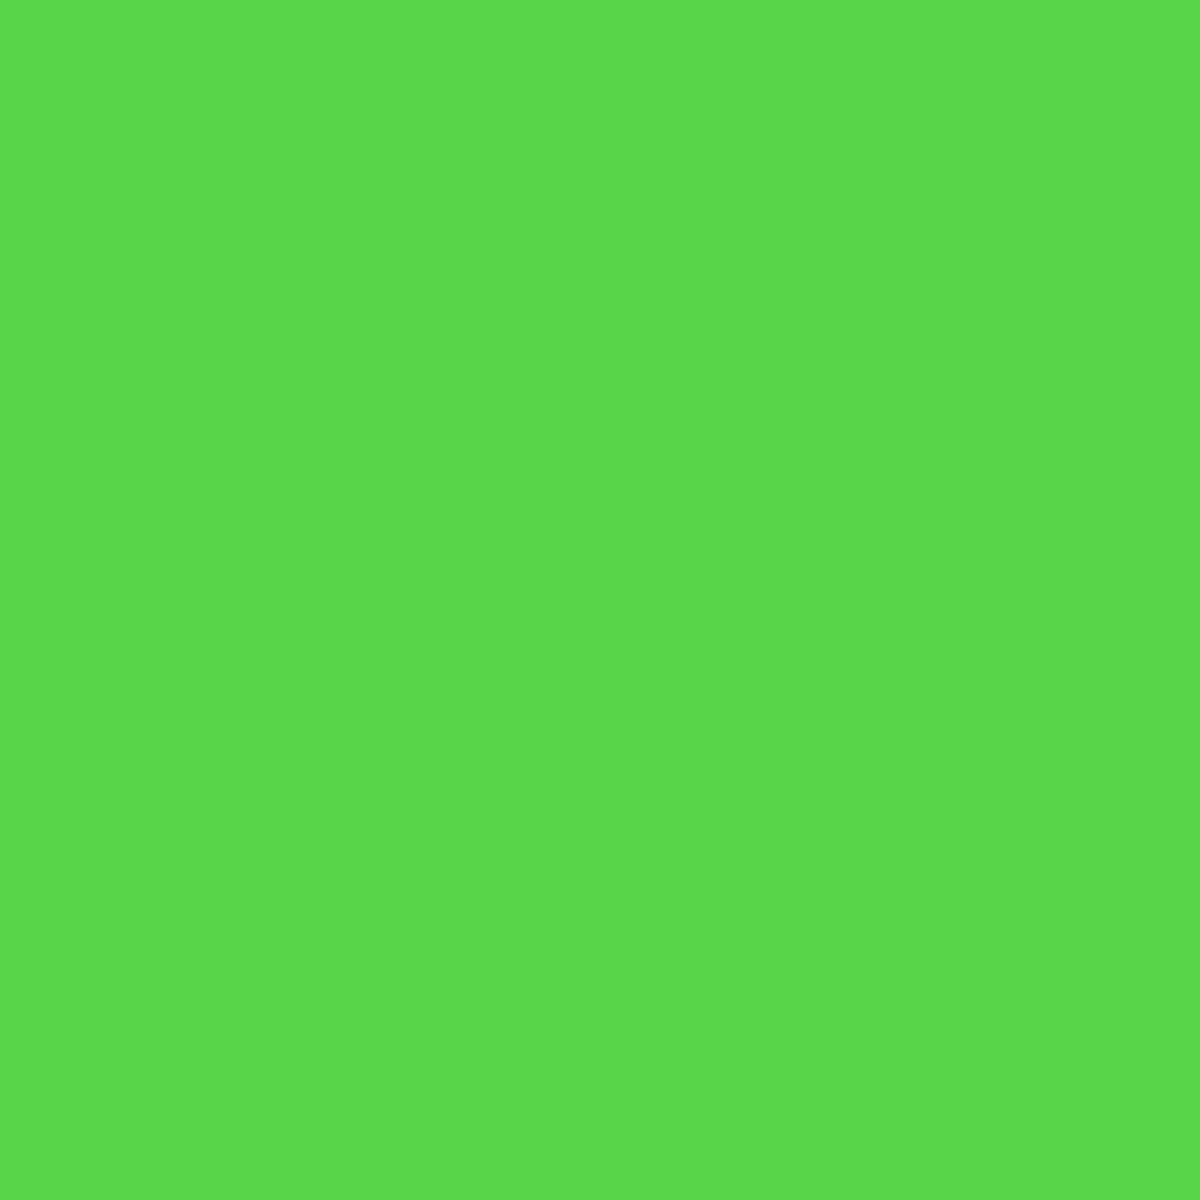 Green Screen Wallpaper